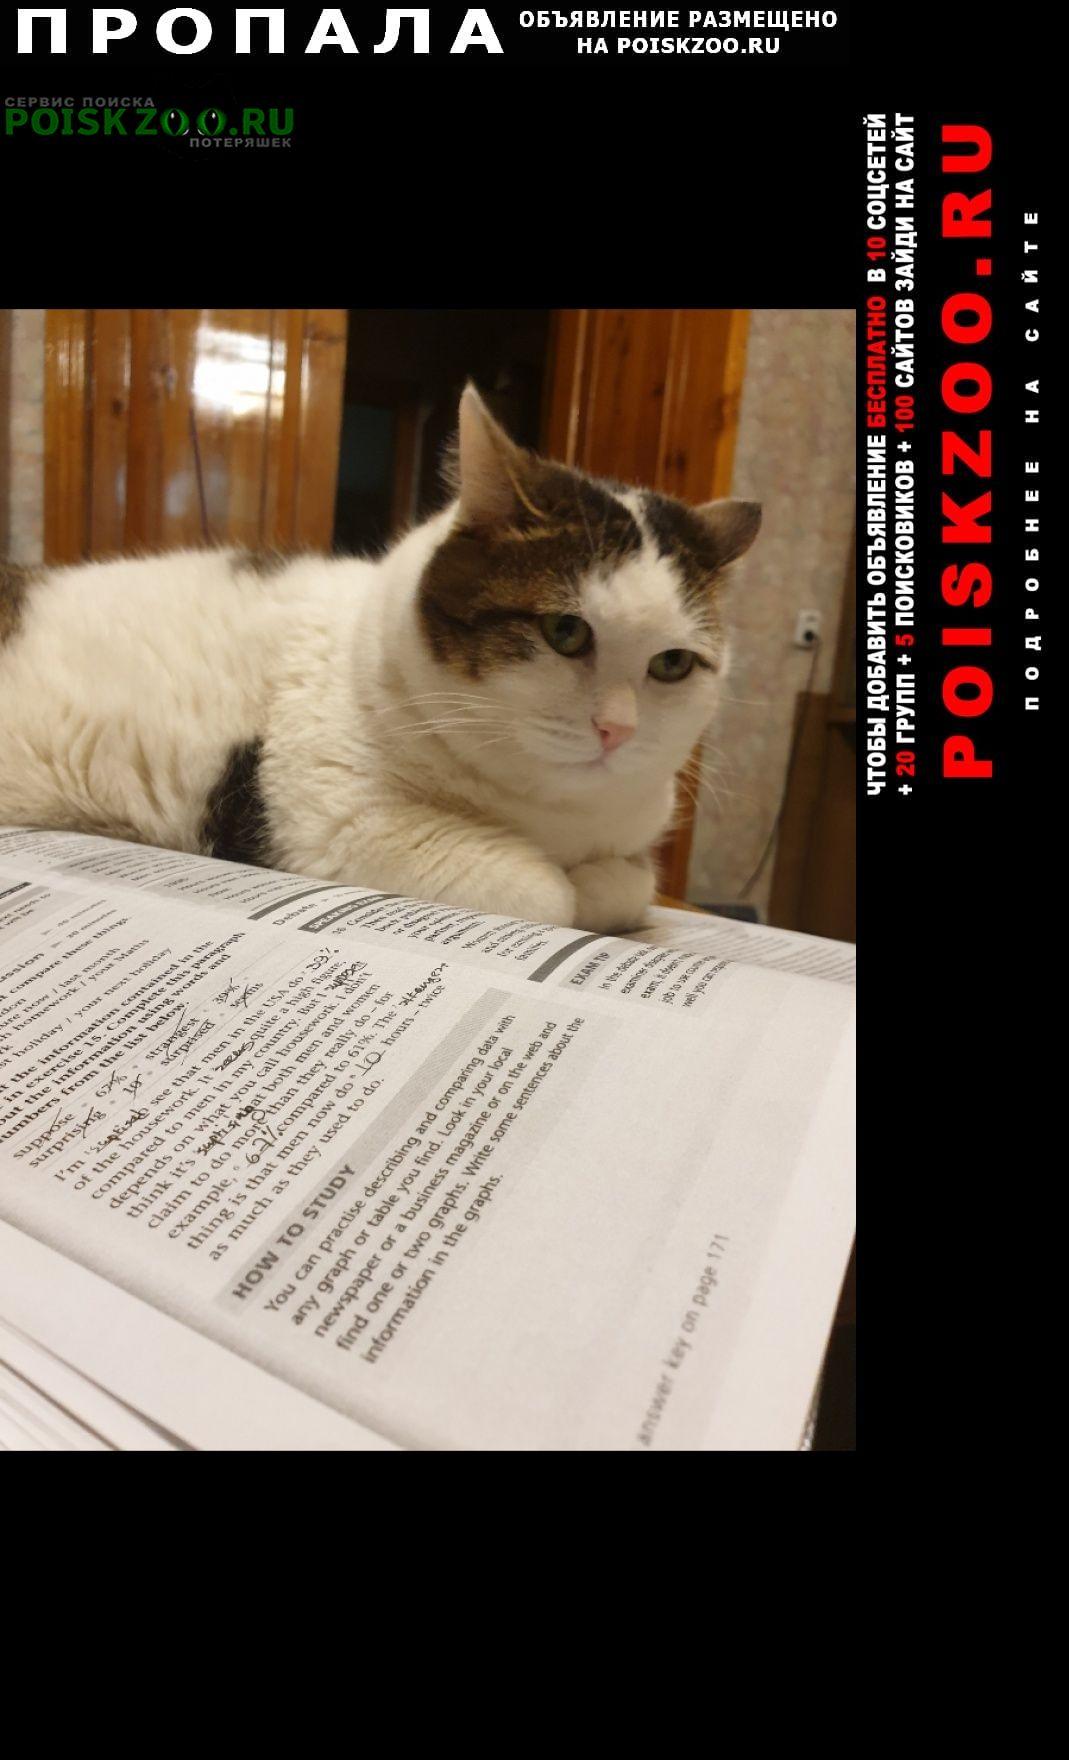 Пропал кот кировский район, около улицы технологиче Екатеринбург